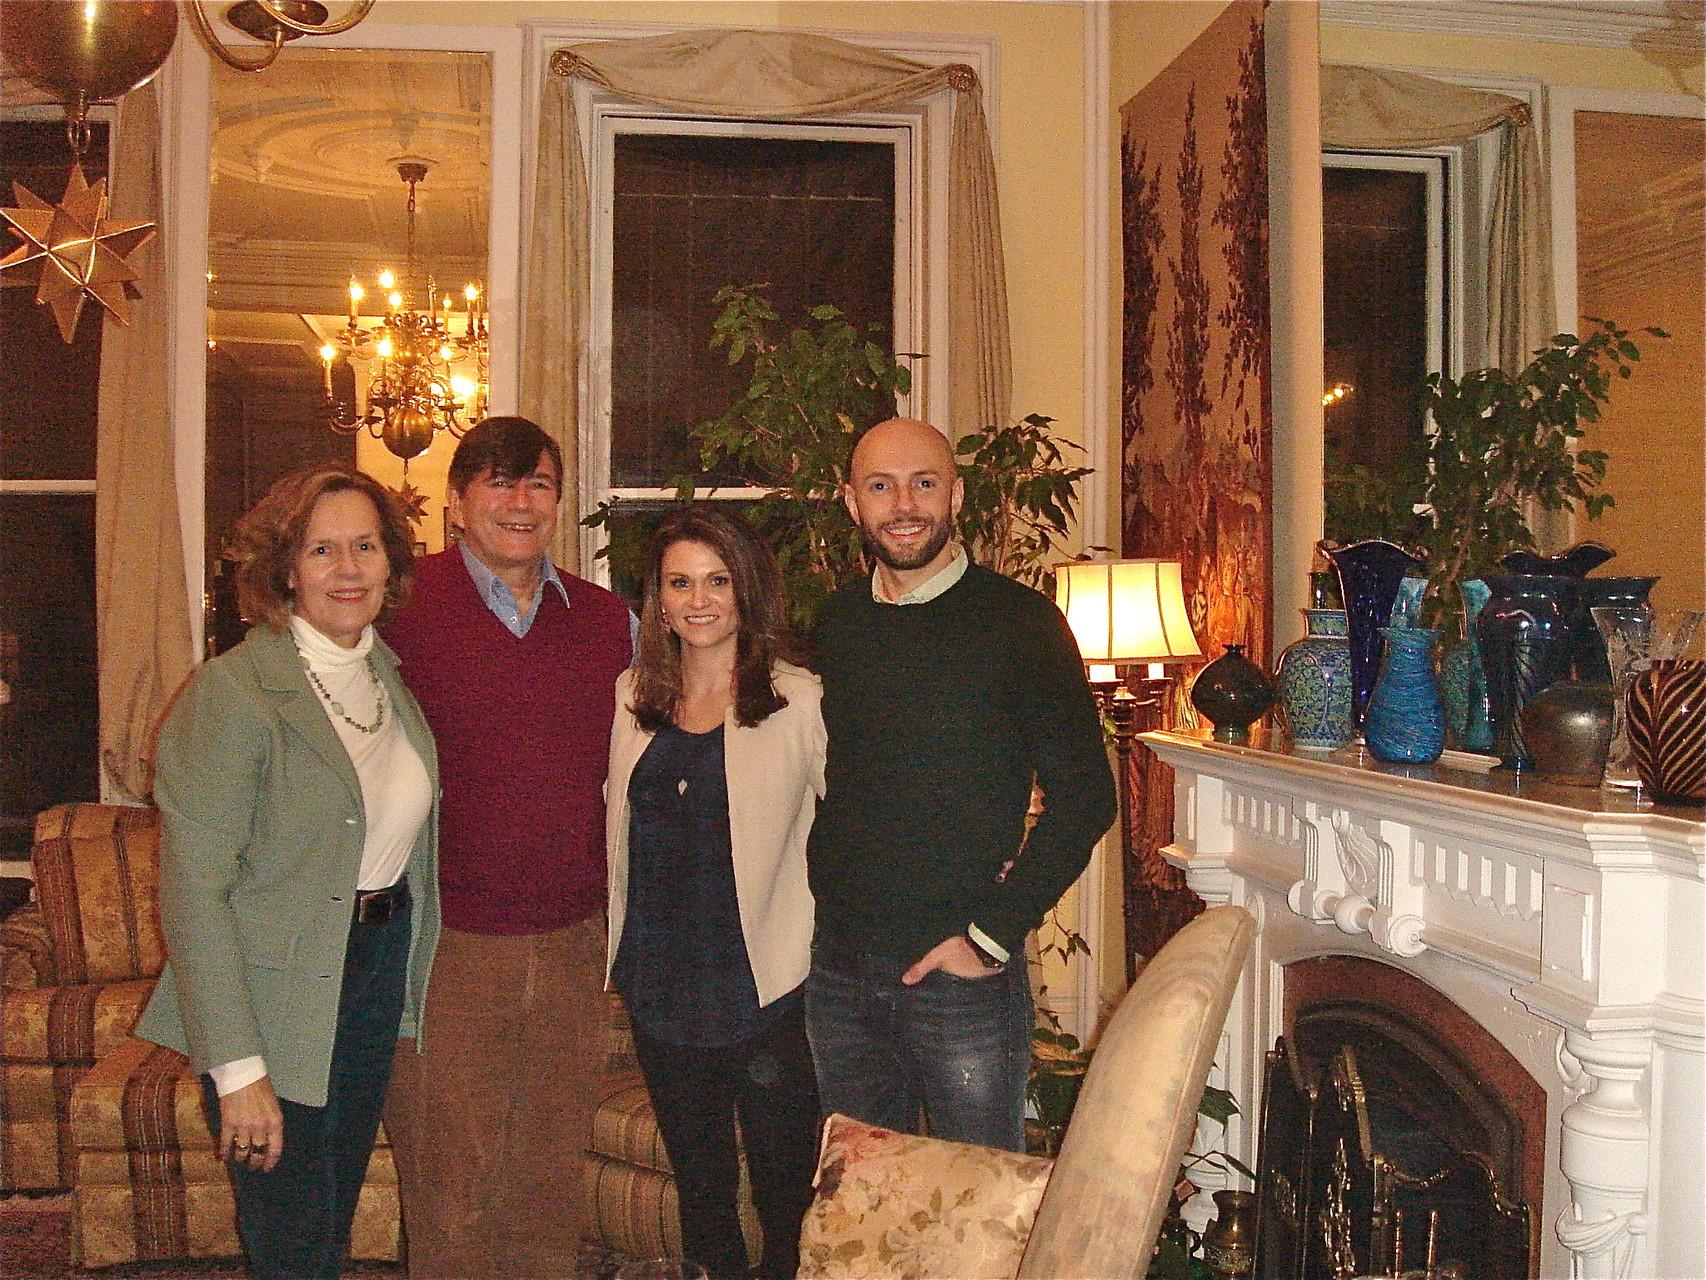 Lorraine, John, Amber, & Mike Gudas (Walt's grandson, cousin David's son) in NYC Feb. 2015